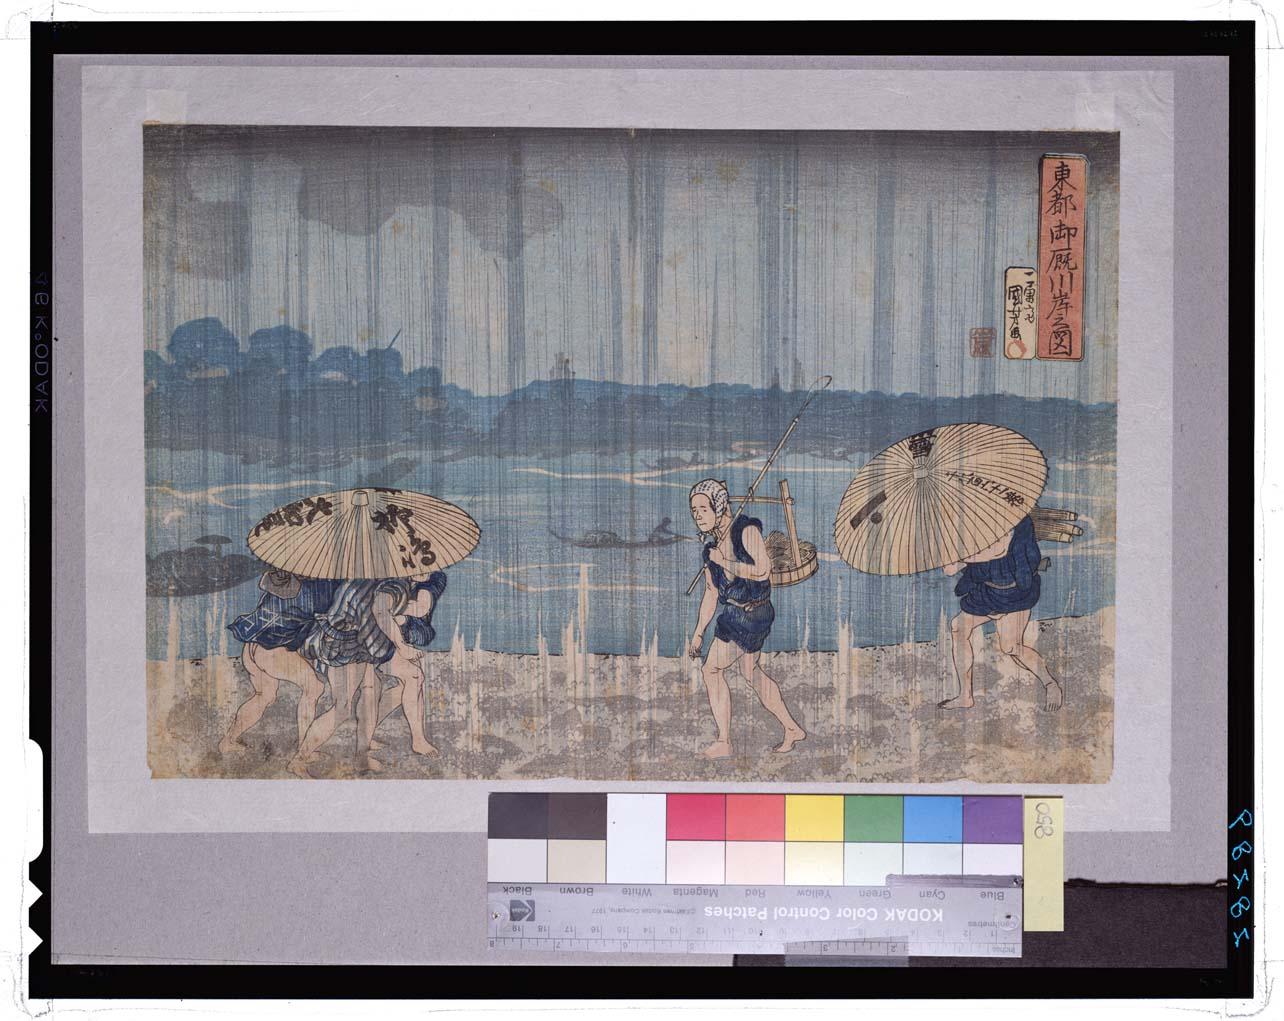 Utagawa Kuniyoshi: - Tokyo National Museum - Ukiyo-e Search